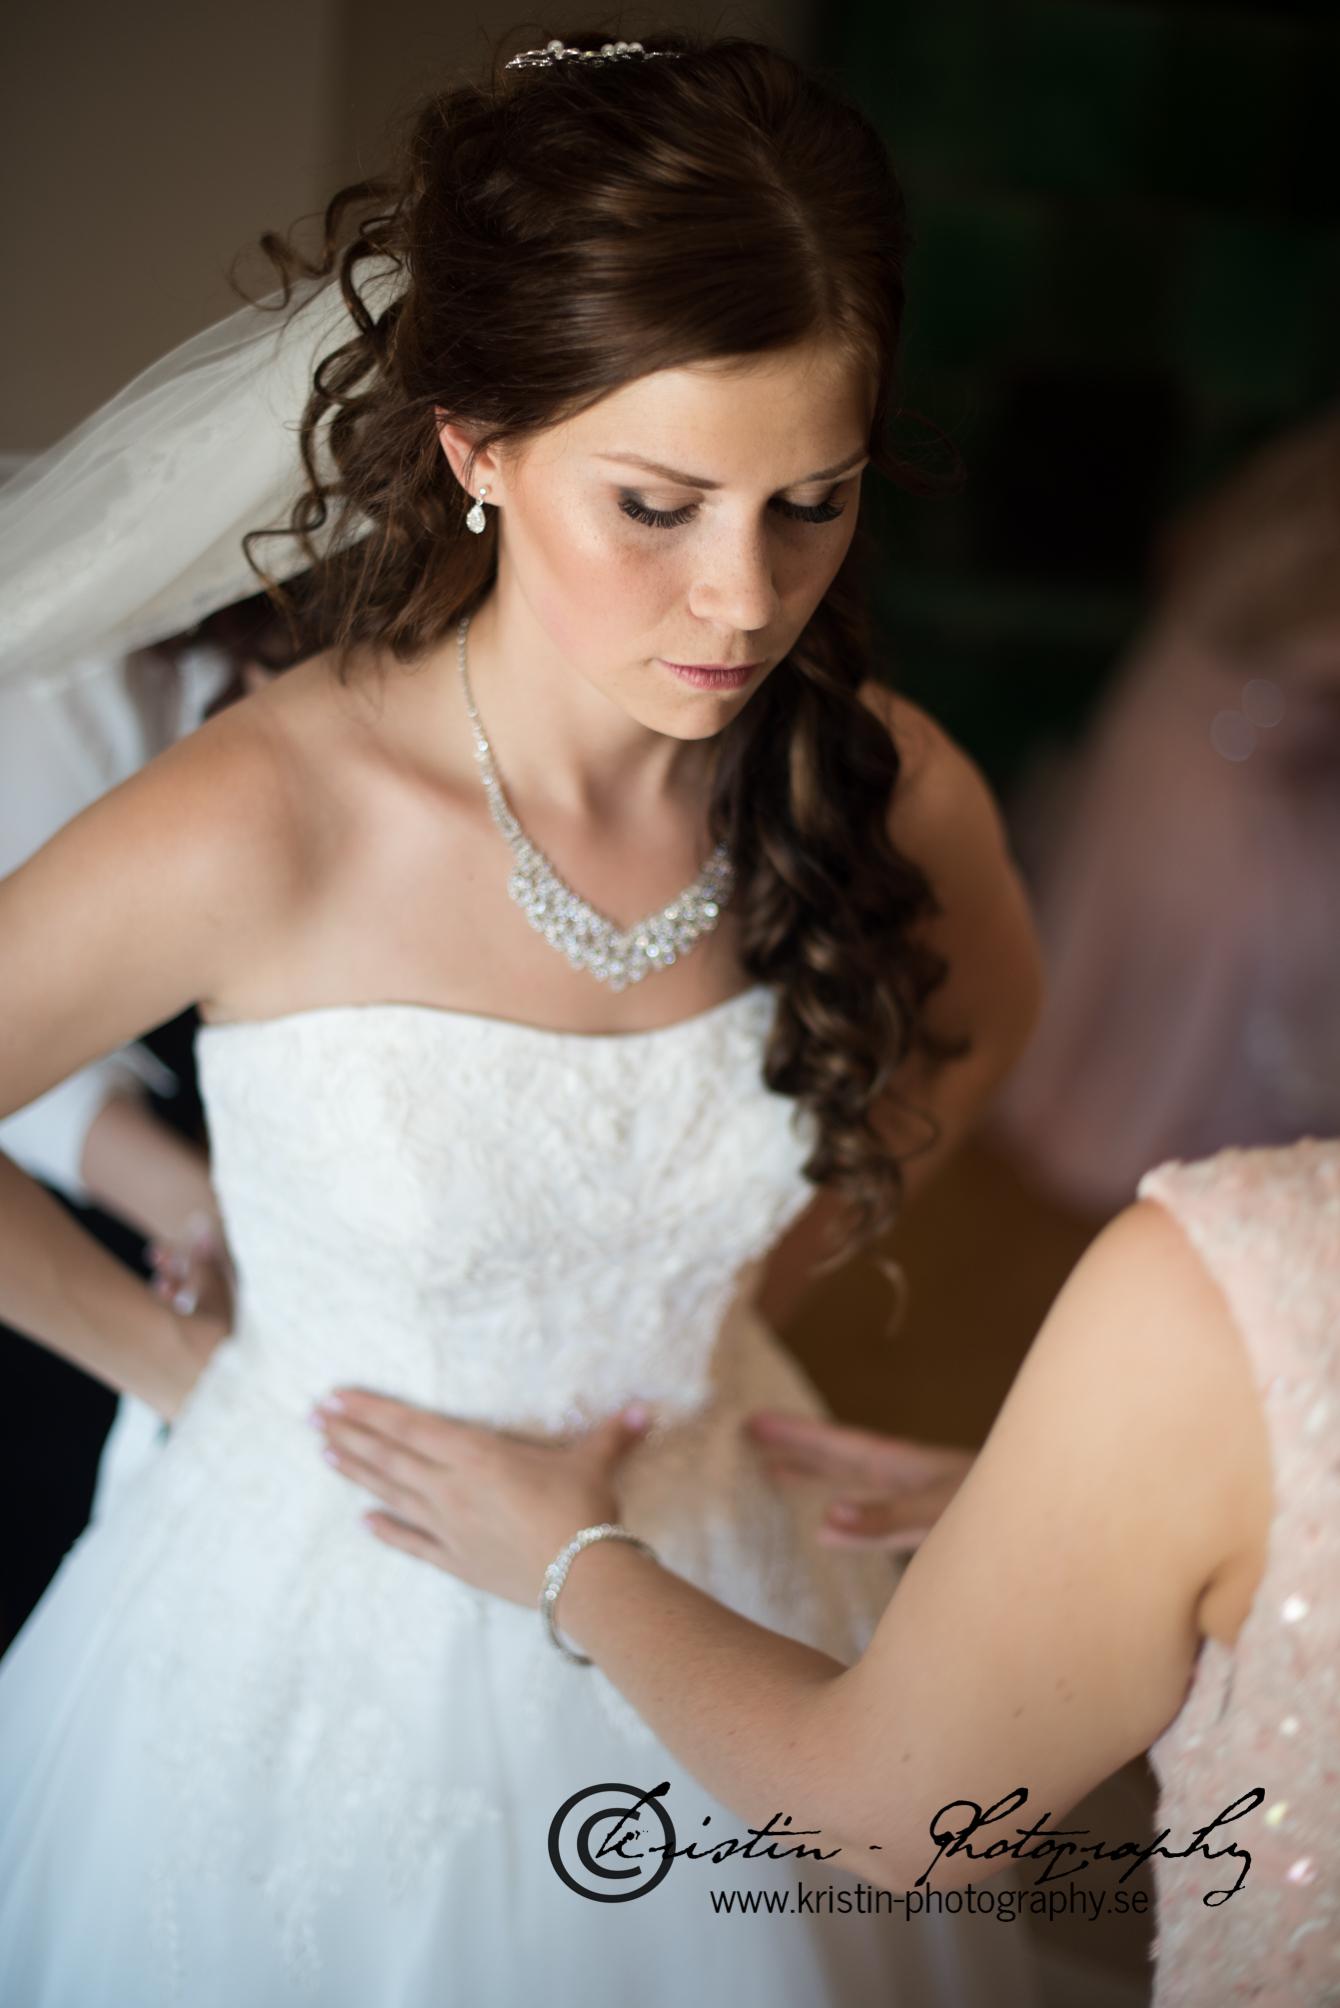 Bröllopsfotograf i Eskilstuna, Kristin - Photography, weddingphotographer -99.jpg